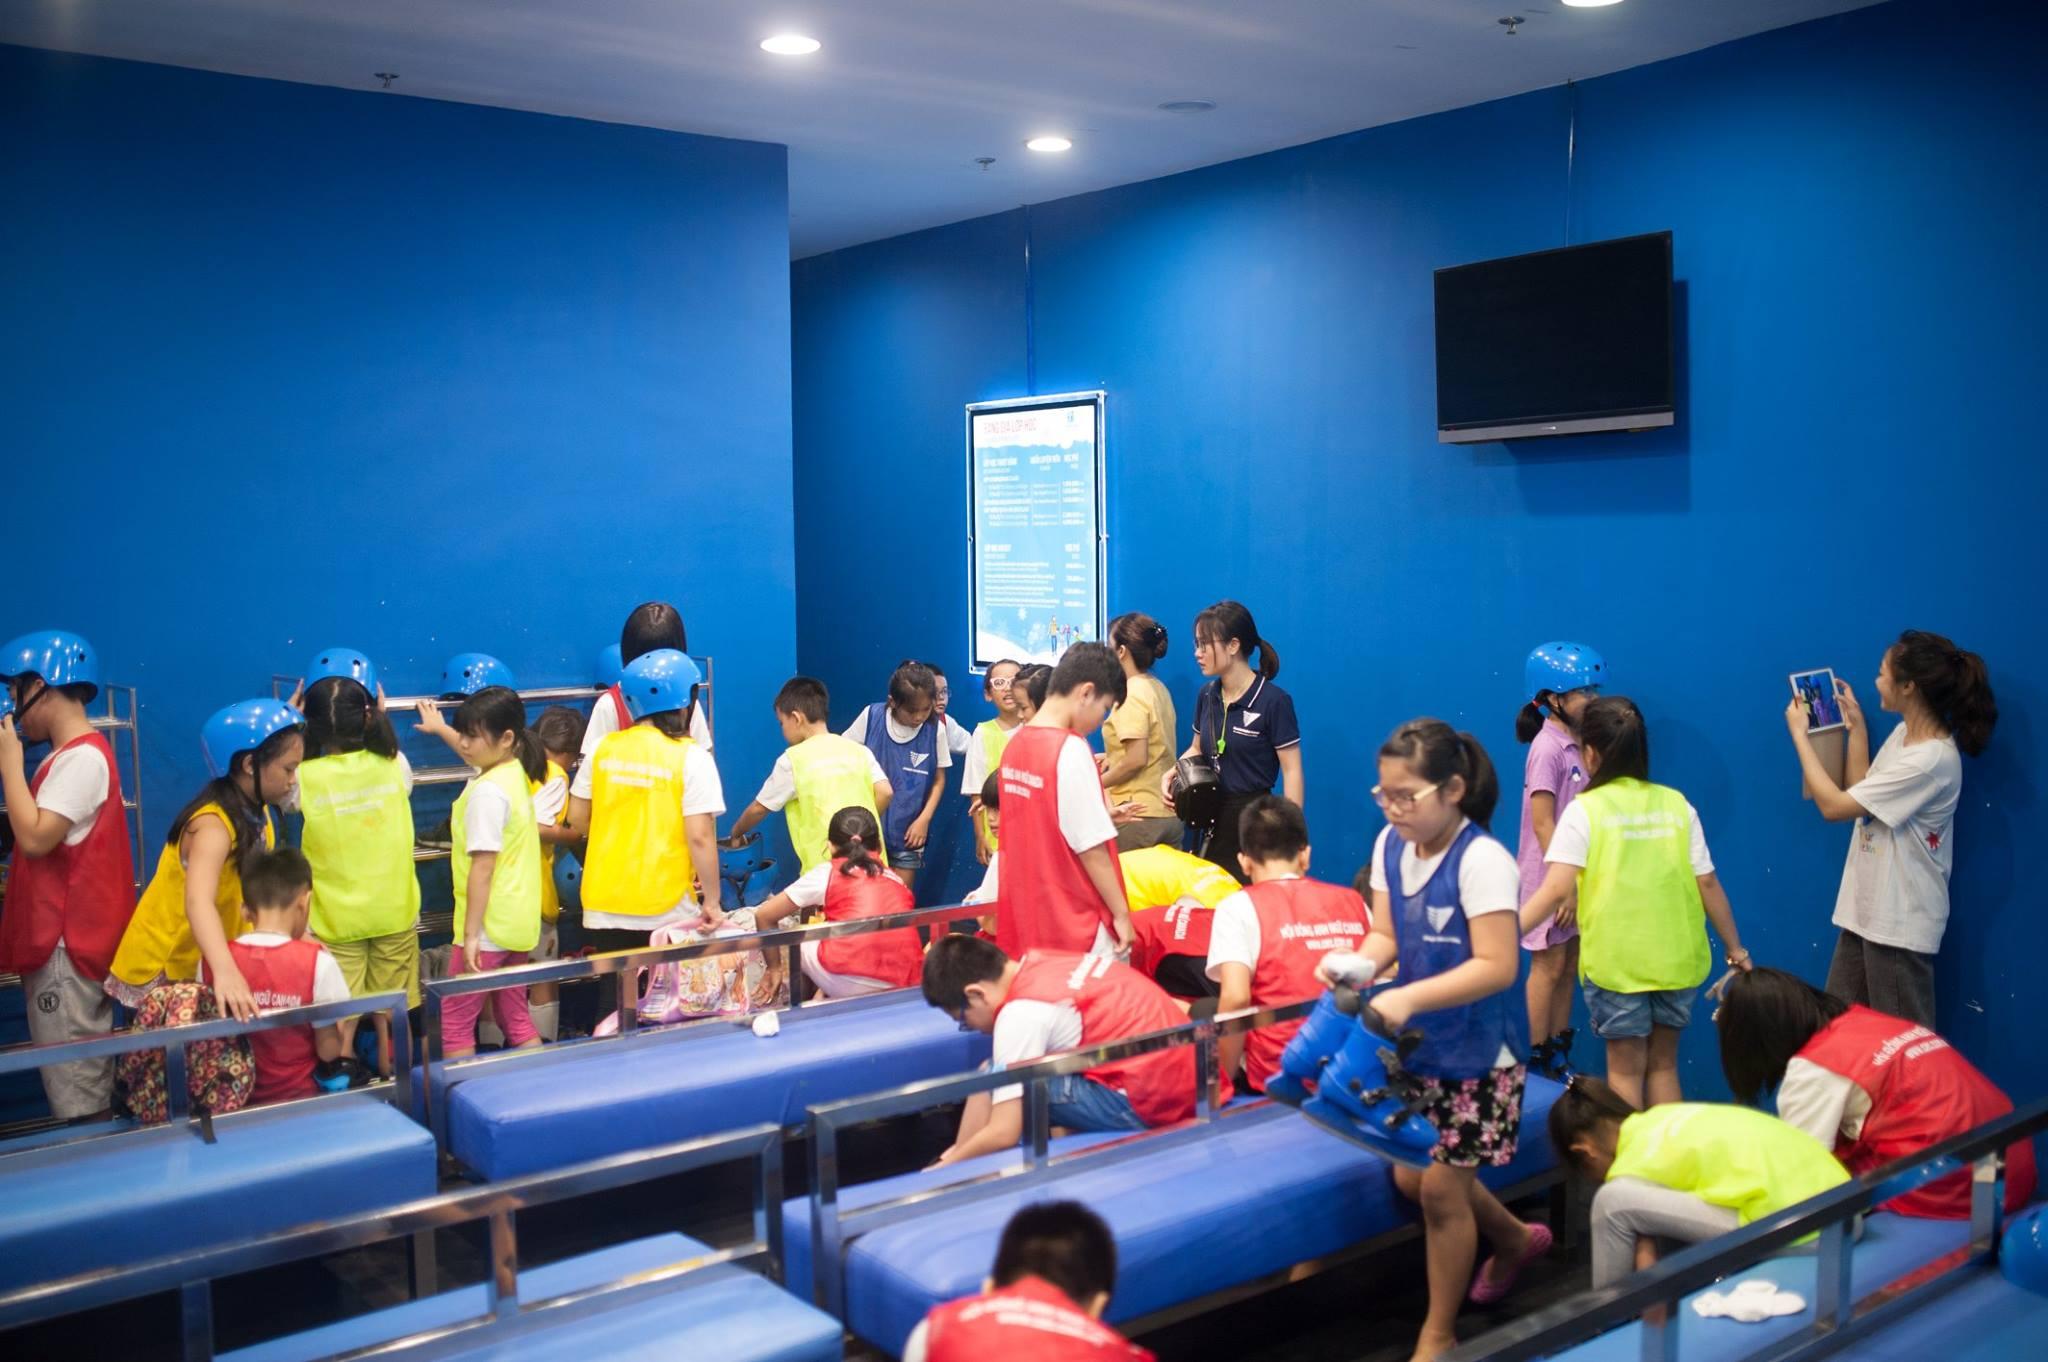 học ielts cấp tốc nhanh chóng tại Hàn Nội